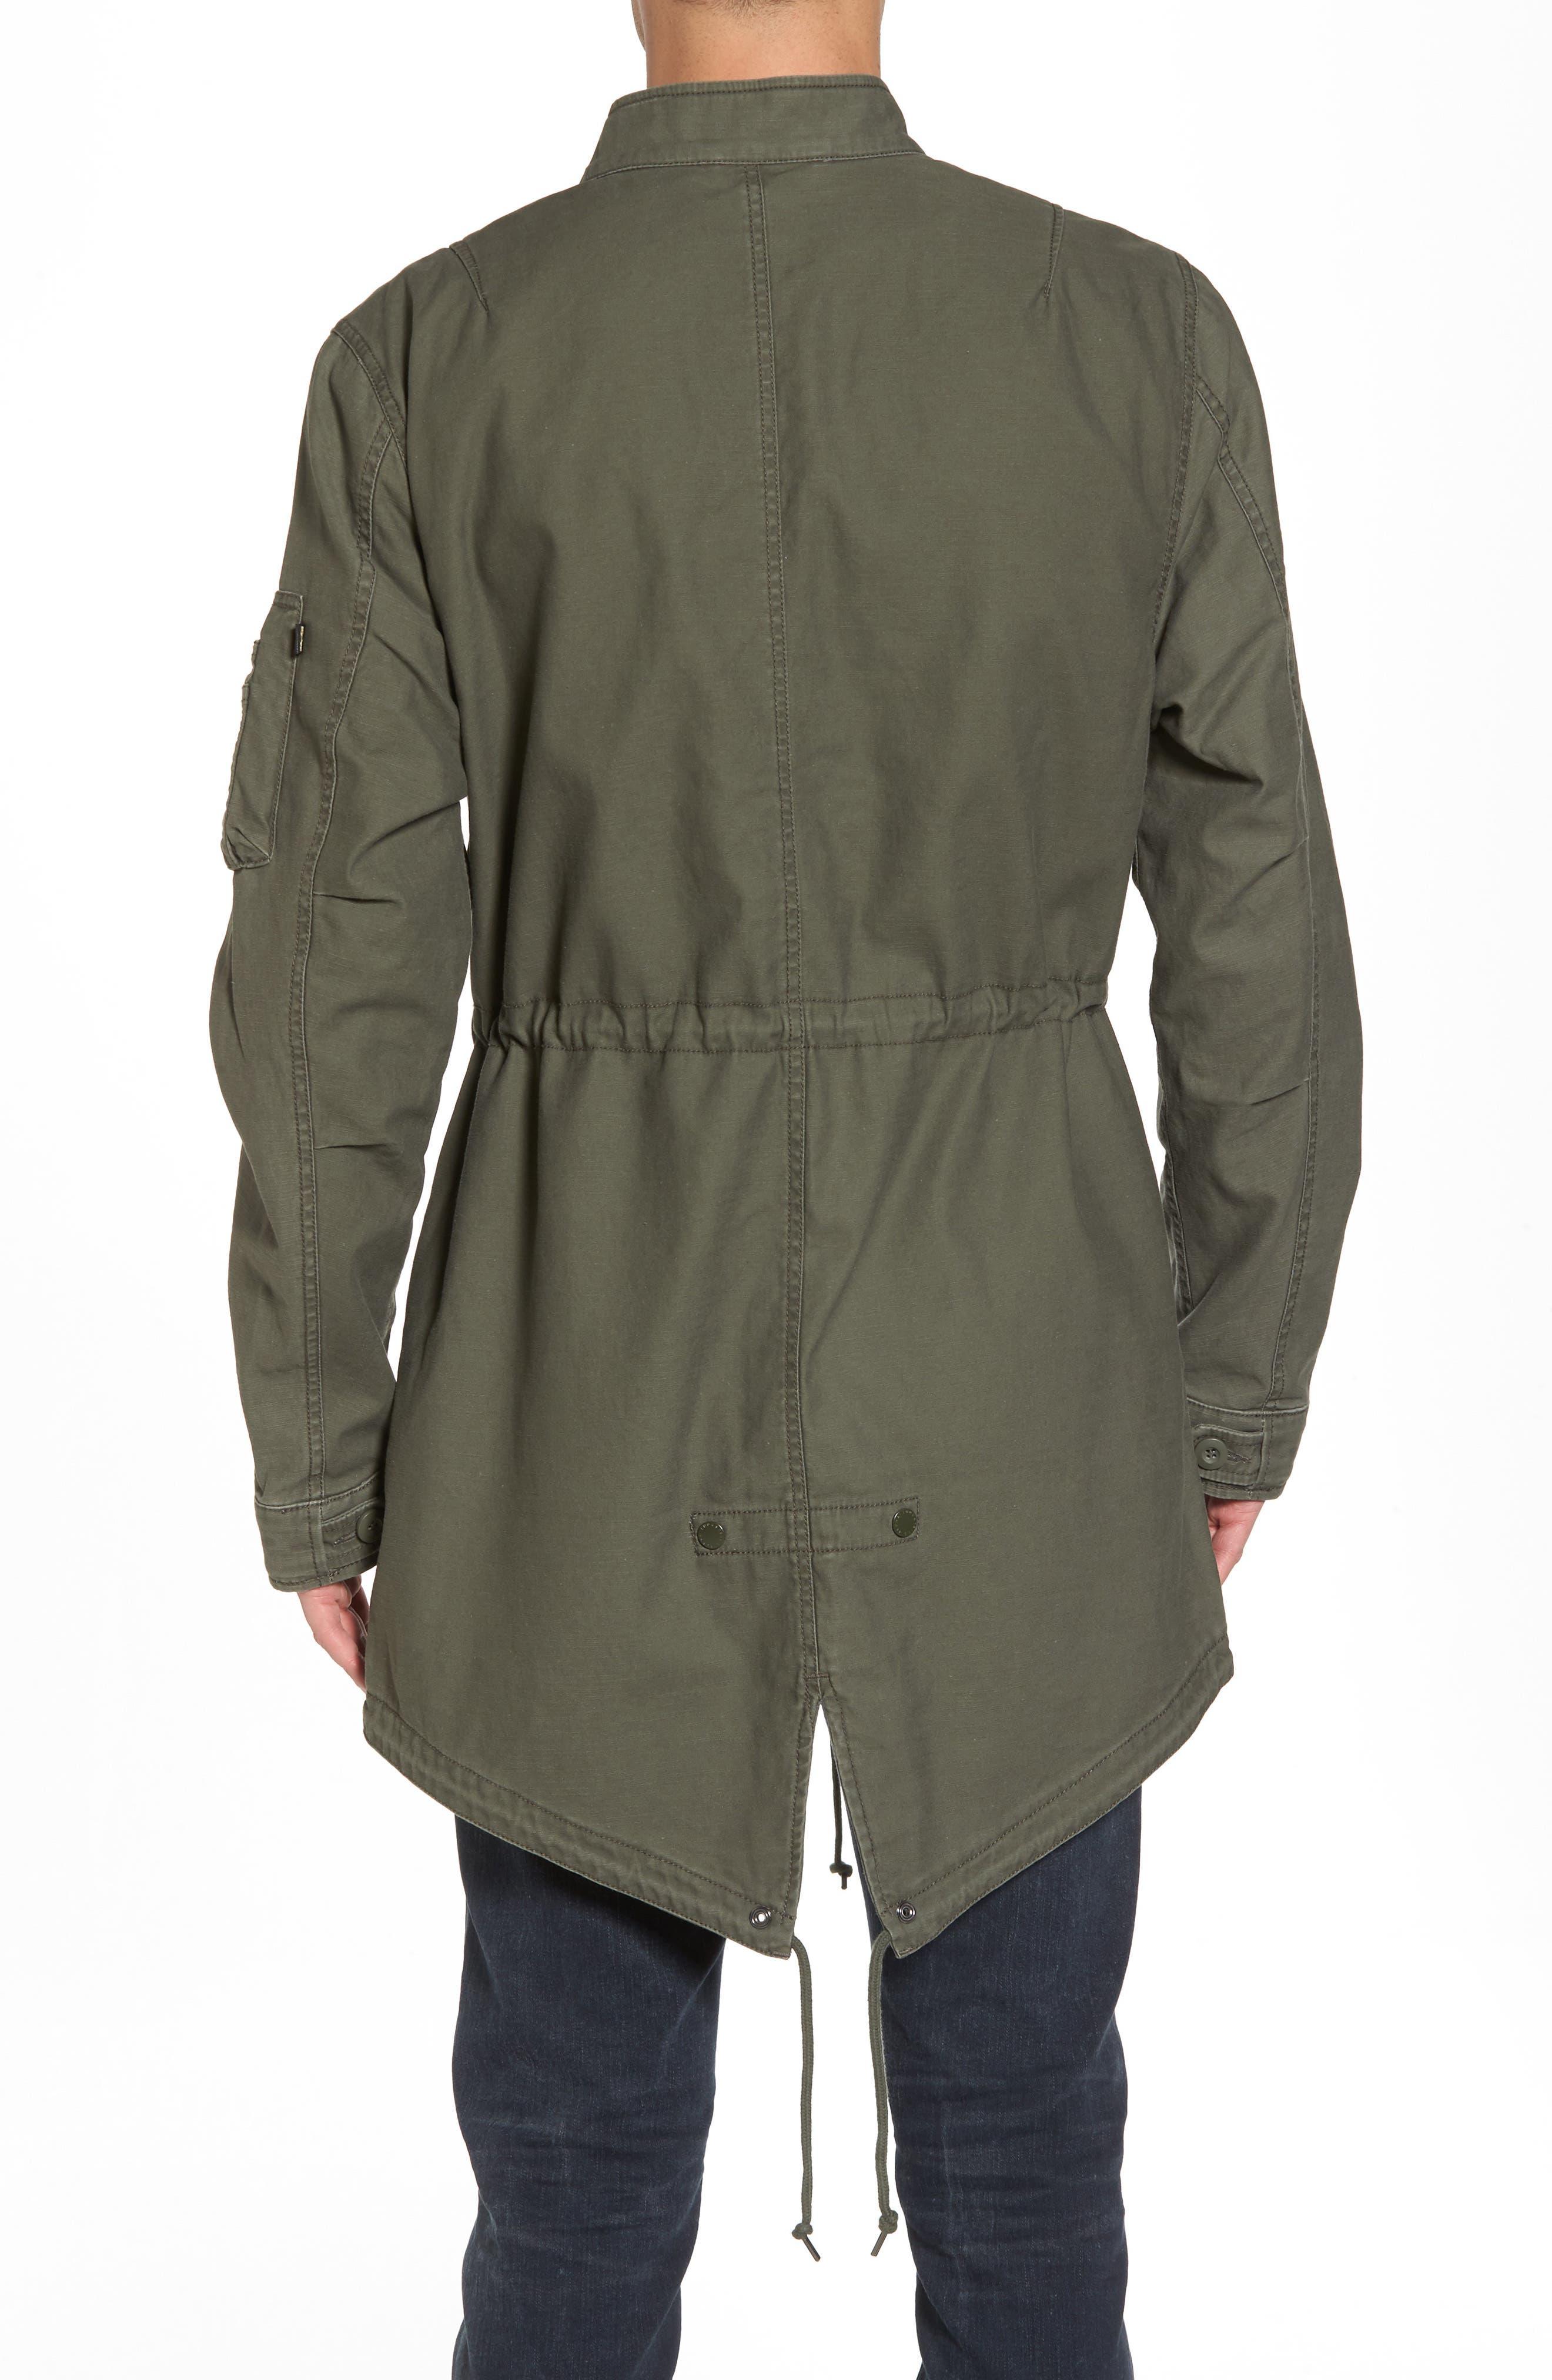 Recruit Fishtail Jacket,                             Alternate thumbnail 2, color,                             M-65 Olive